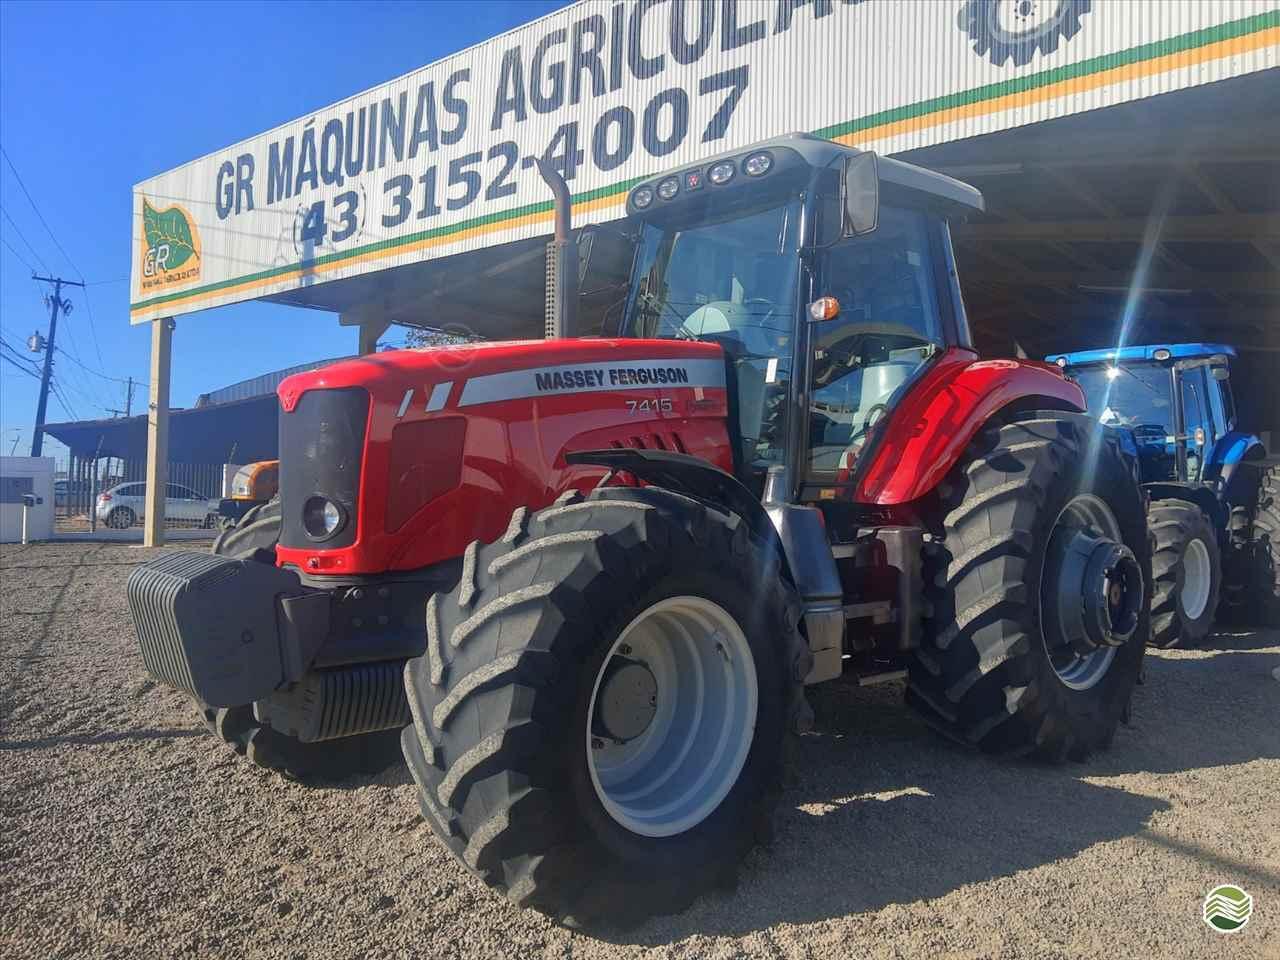 TRATOR MASSEY FERGUSON MF 7415 Tração 4x4 GR Máquinas Agrícolas ARAPONGAS PARANÁ PR